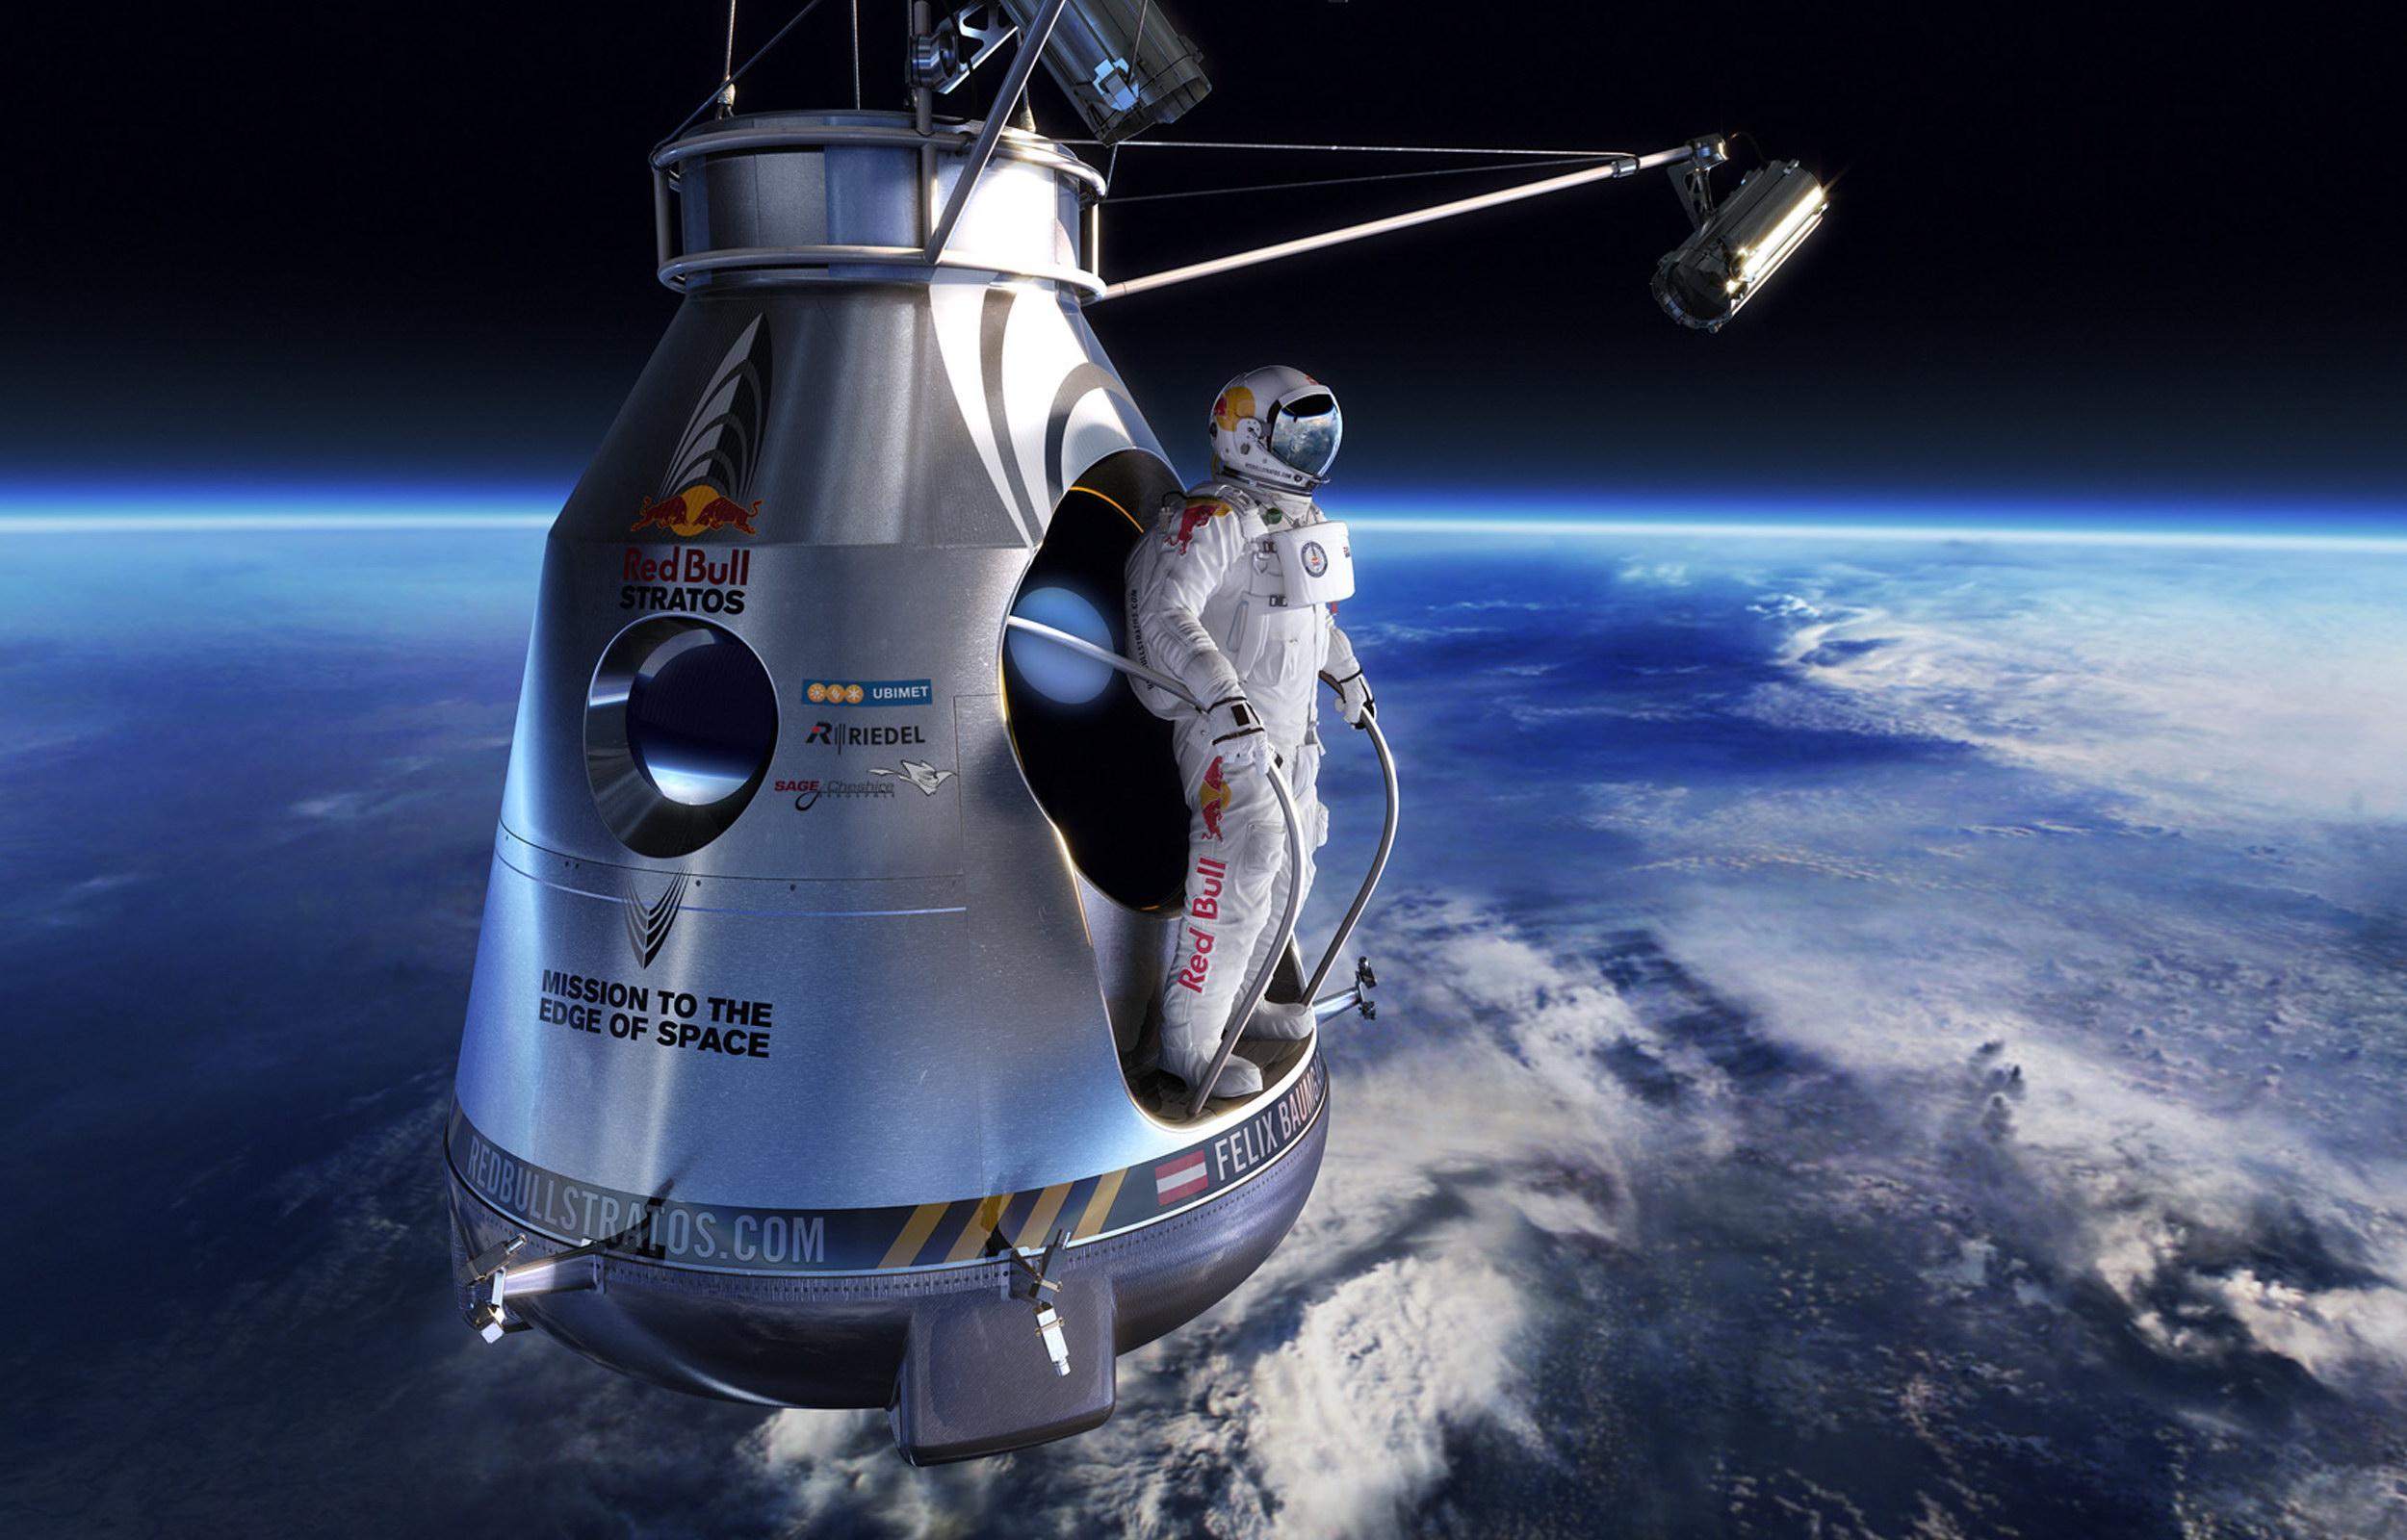 Red Bull Stratos Branding